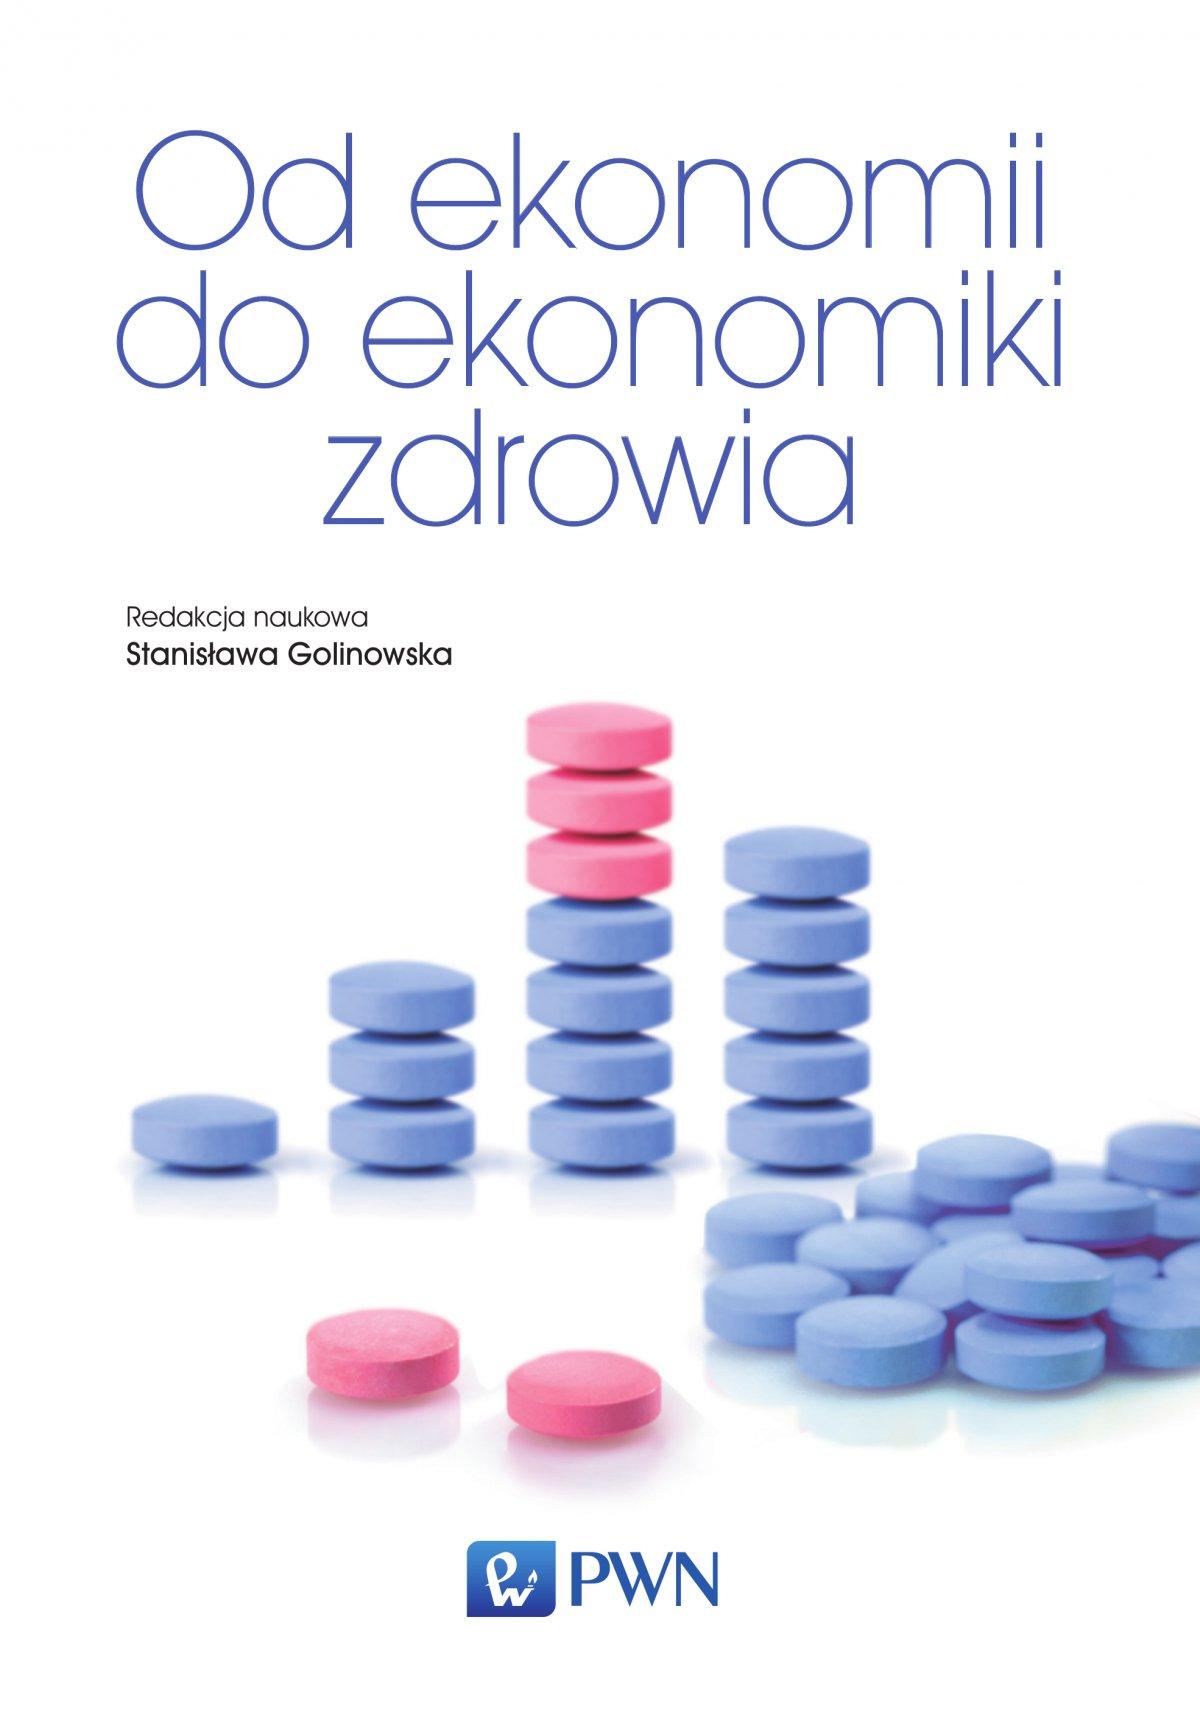 Od ekonomii do ekonomiki zdrowia - Ebook (Książka EPUB) do pobrania w formacie EPUB